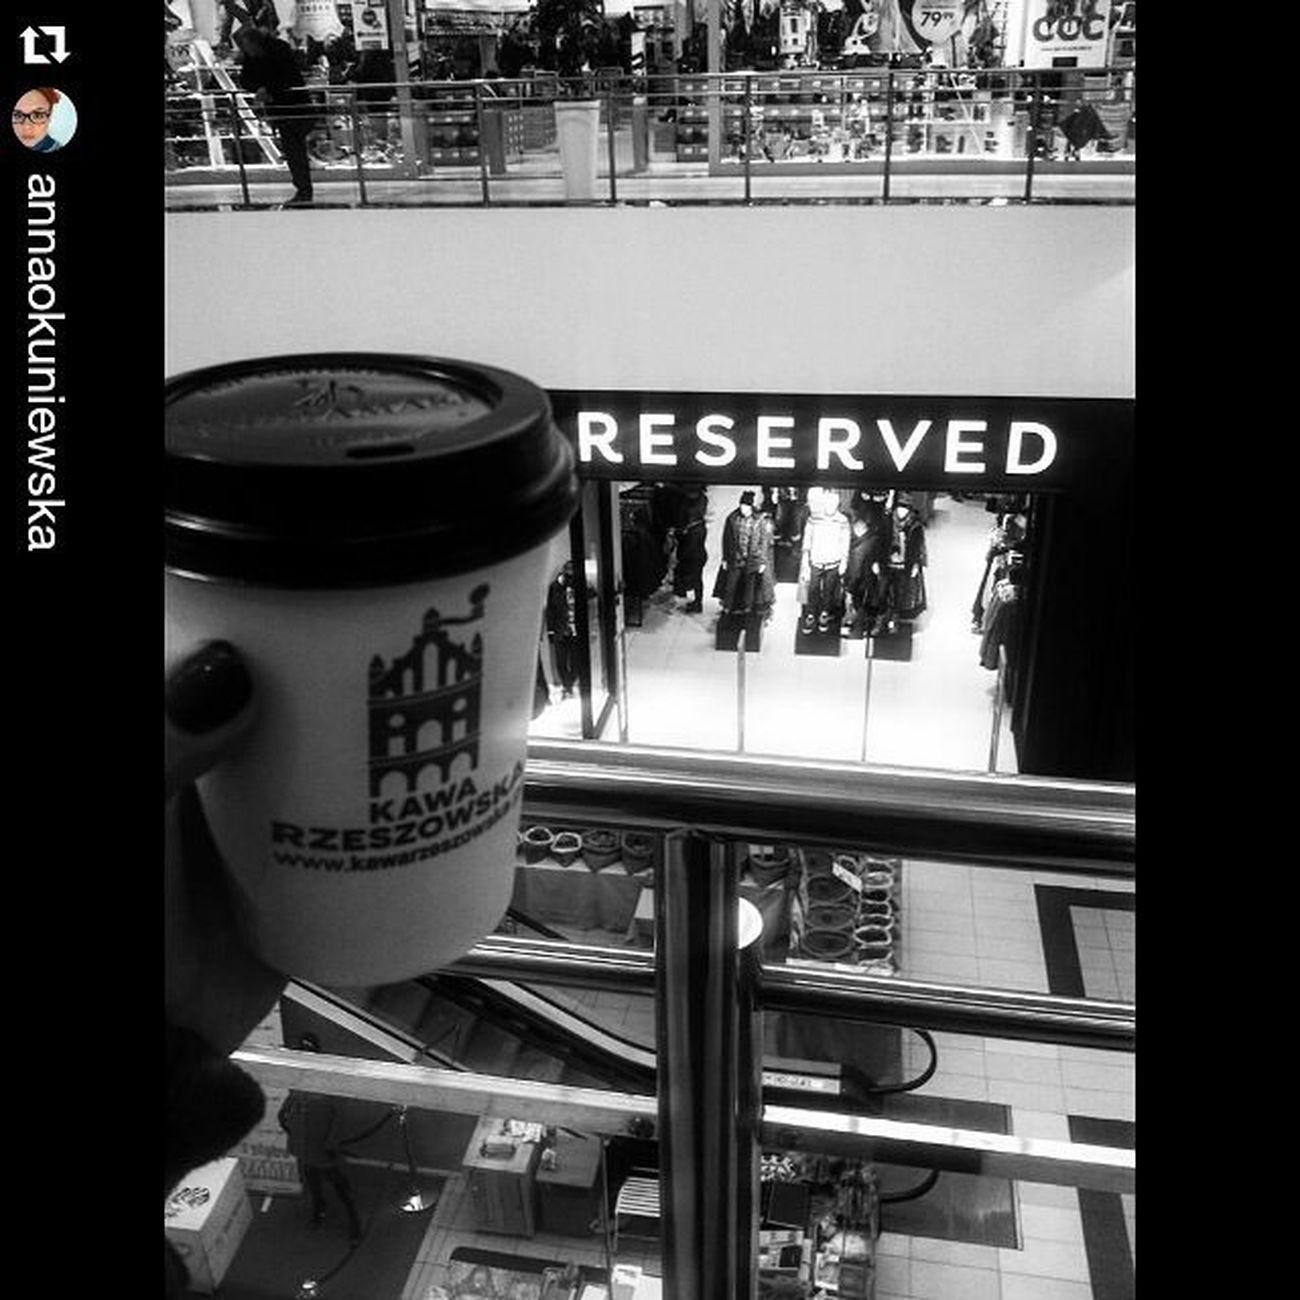 Repost @annaokuniewska ・・・ Czasem bycie miłym sie opłaca :) minus 1,5 zł na kawie za dzien dobry i poproszę :) Kawarzeszowska Carmel Podwojneespresso Omnomnom Urlop Kawarzeszowska Sieoplaca RzeszowPijeKawe Rzeszów Espresso @reservedbrand Reserved